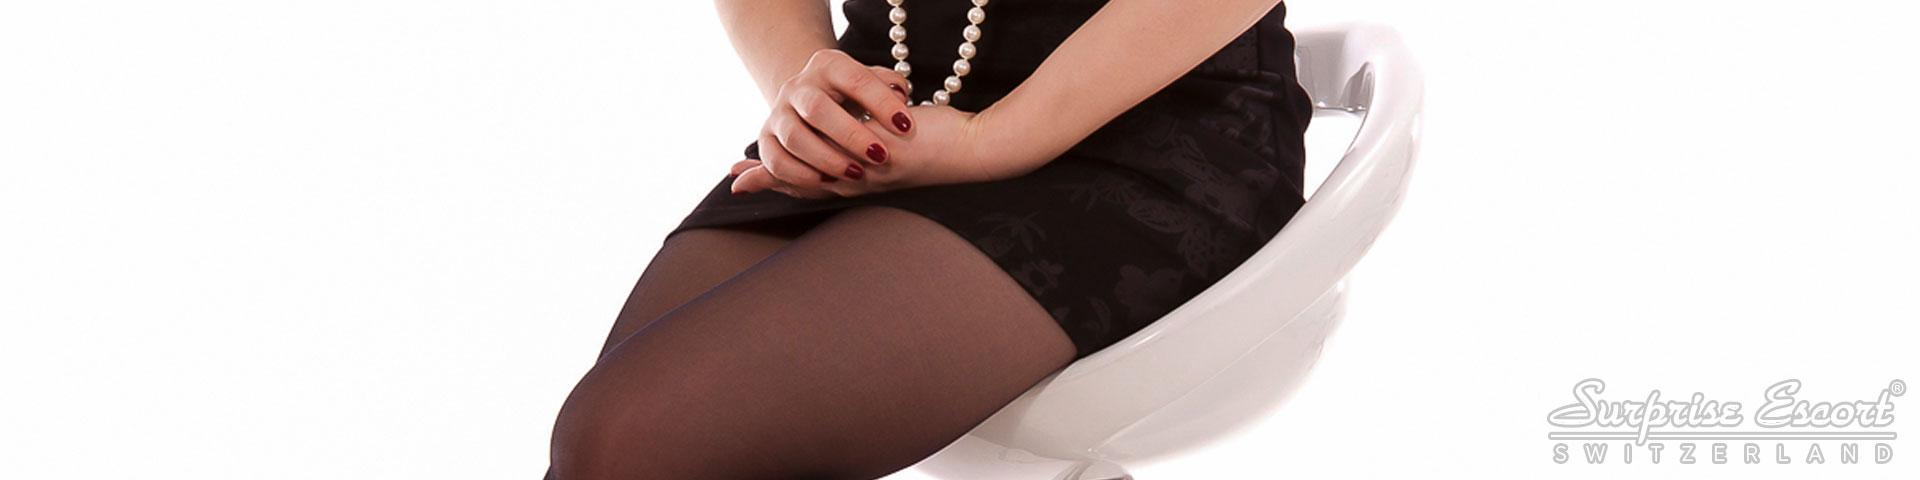 erotische massages in antwerpen sex date com